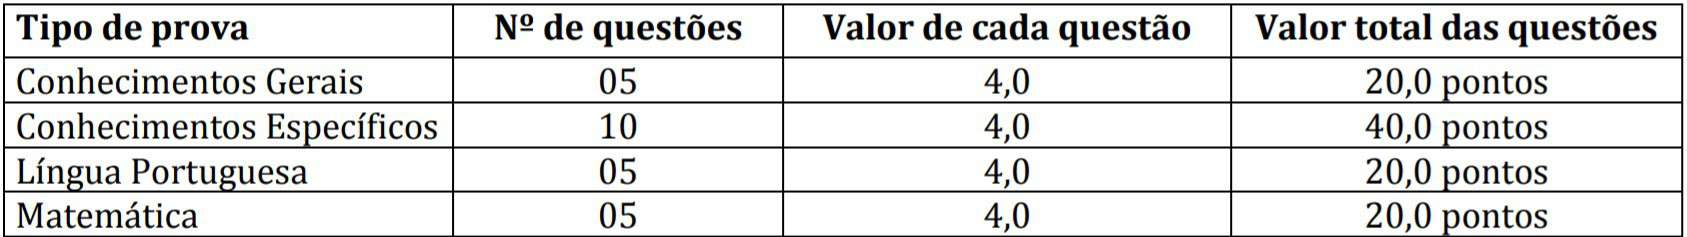 provaas 1 1 - Concurso Prefeitura de São Pedro do Ivaí PR: Inscrições encerradas